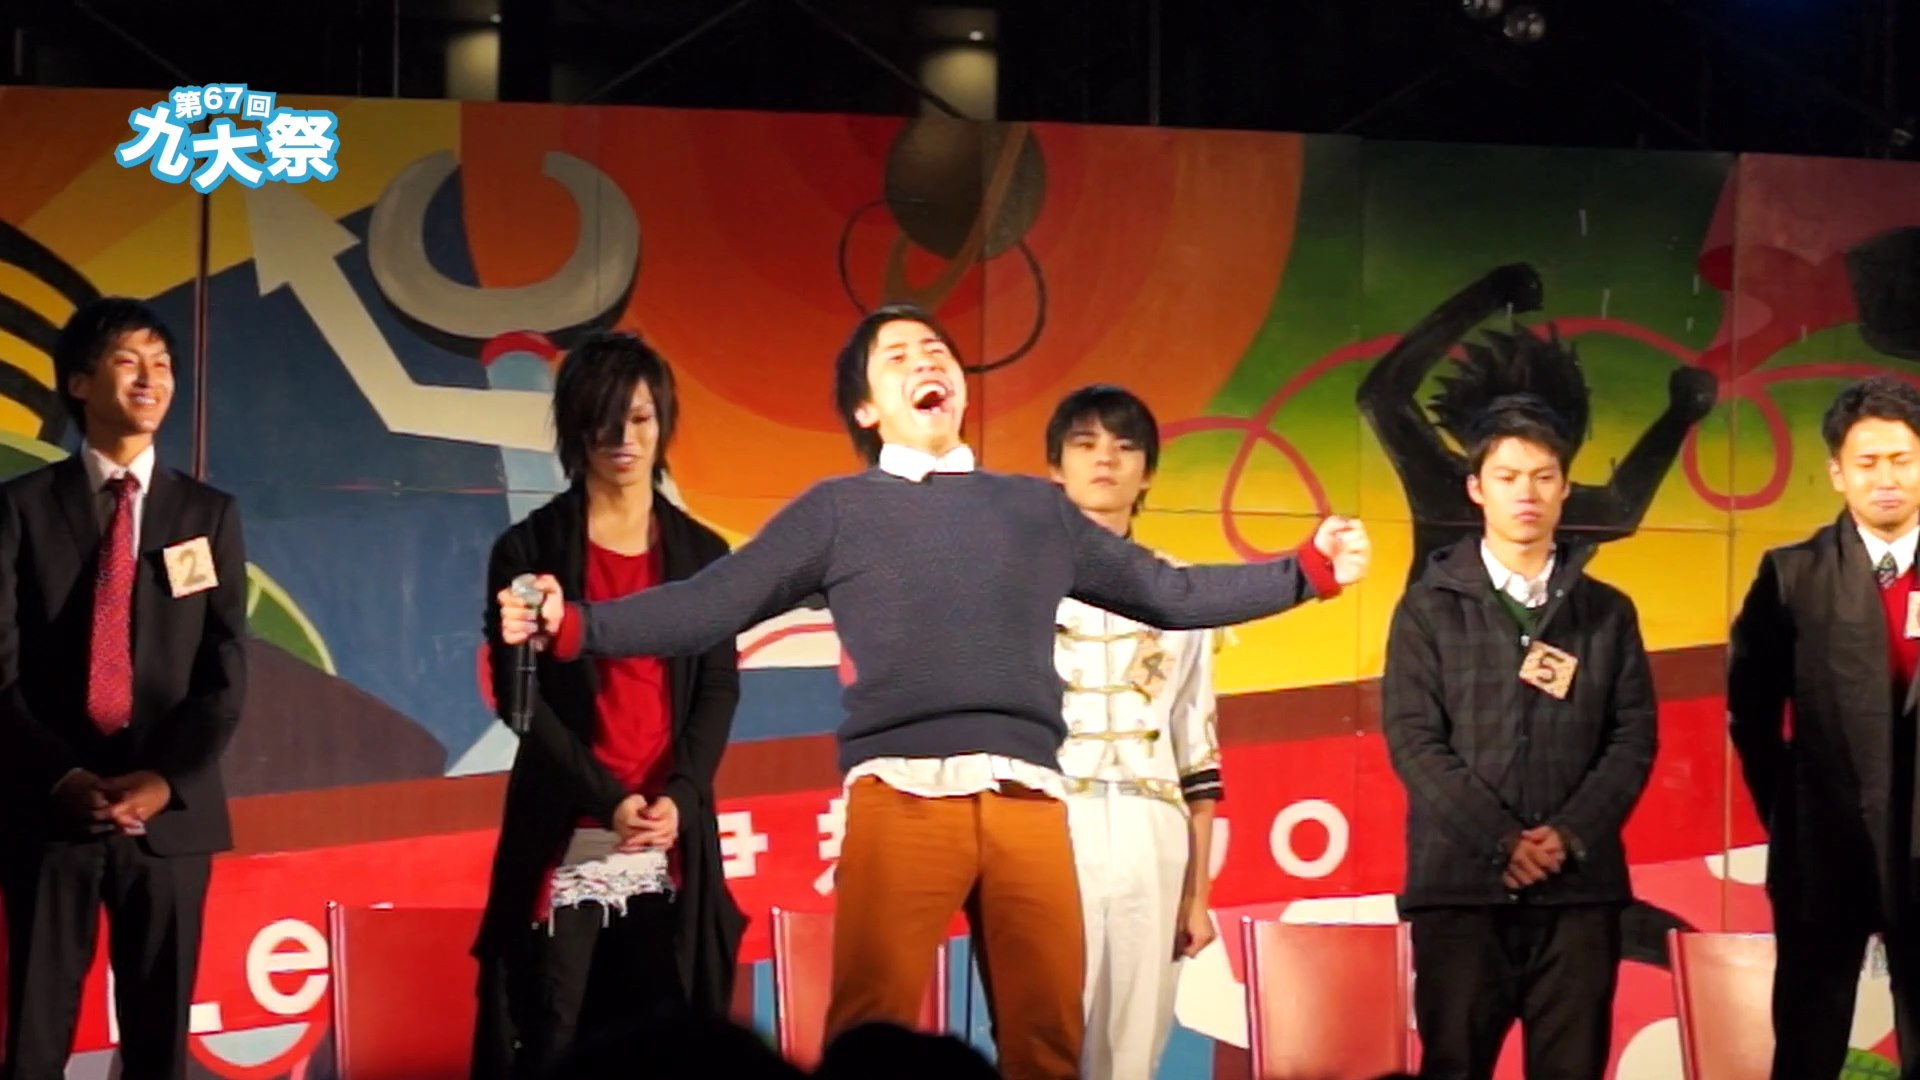 第67回 九州大学学祭.mov_000533688